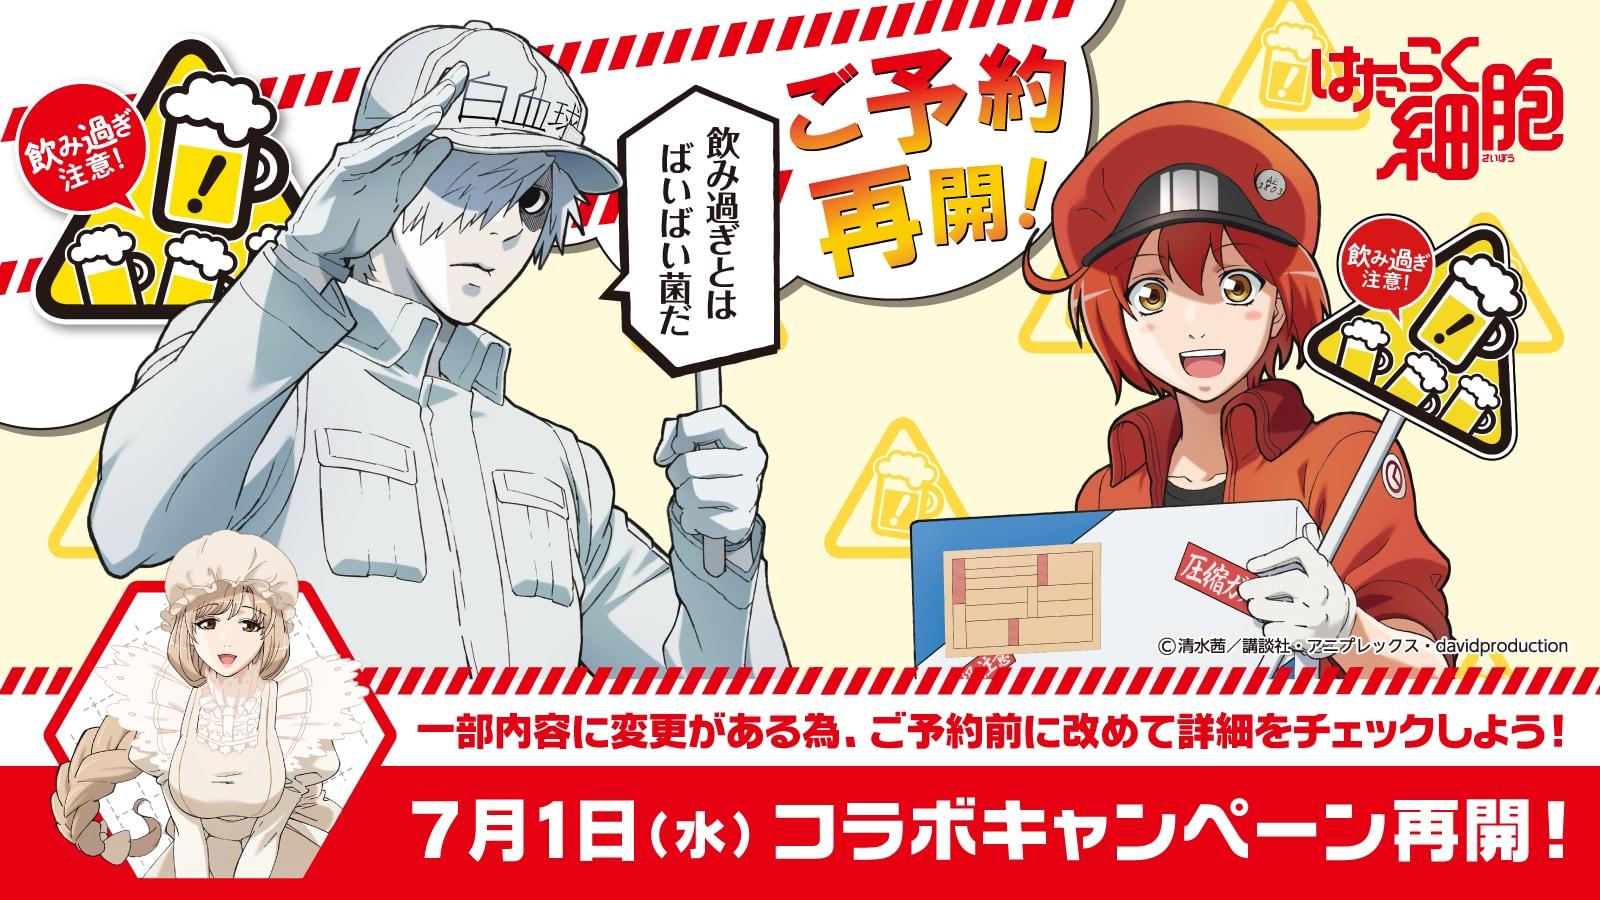 TVアニメ『はたらく細胞』×居酒屋チェーン店コラボ再始動決定!限定グッズやサイン入りポスターもらえる